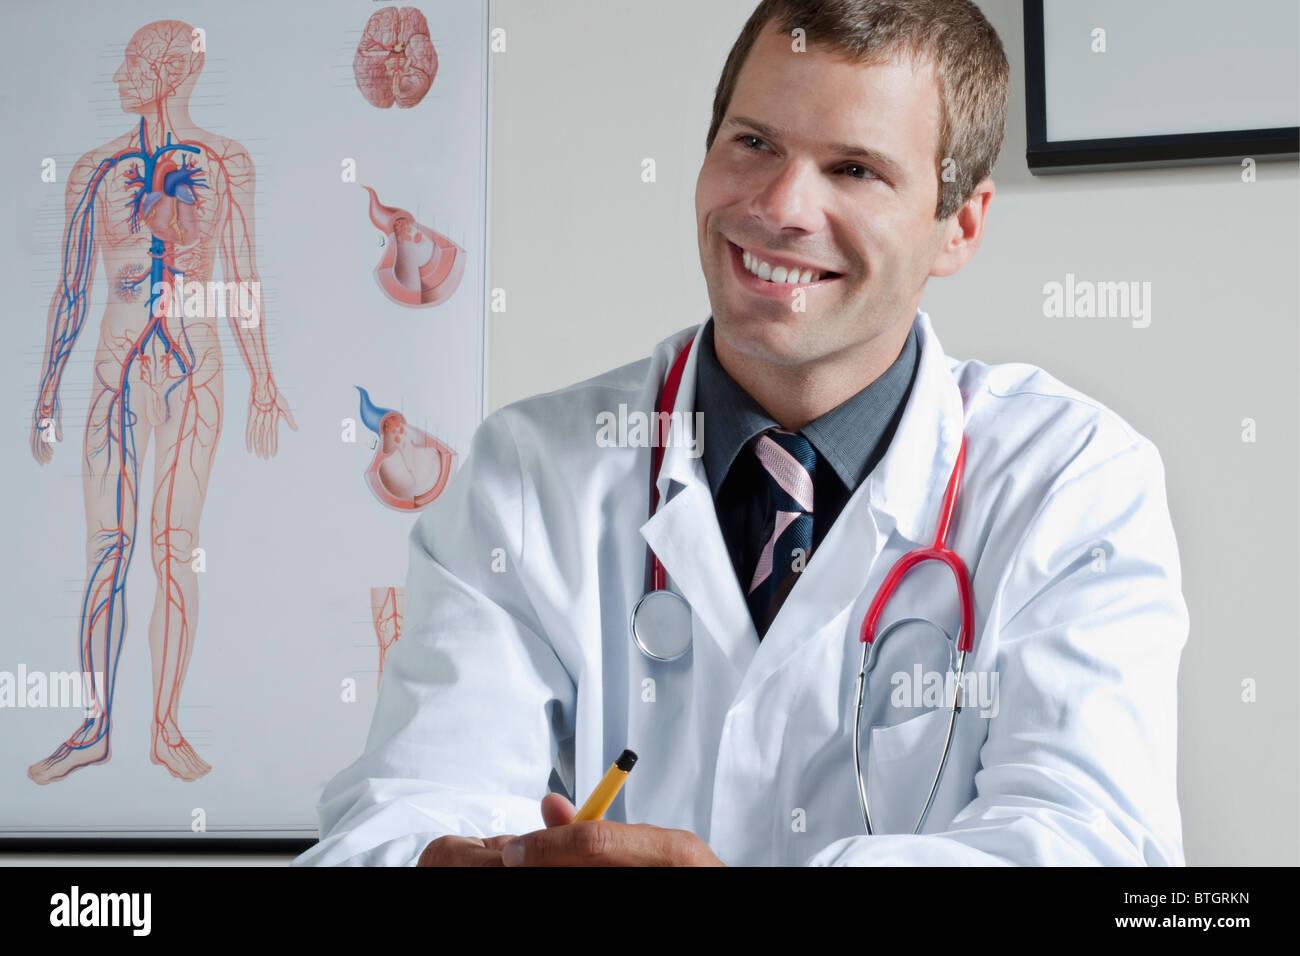 Arzt in seinem Büro mit Herz-Kreislauf-System Diagramm an Wand ...